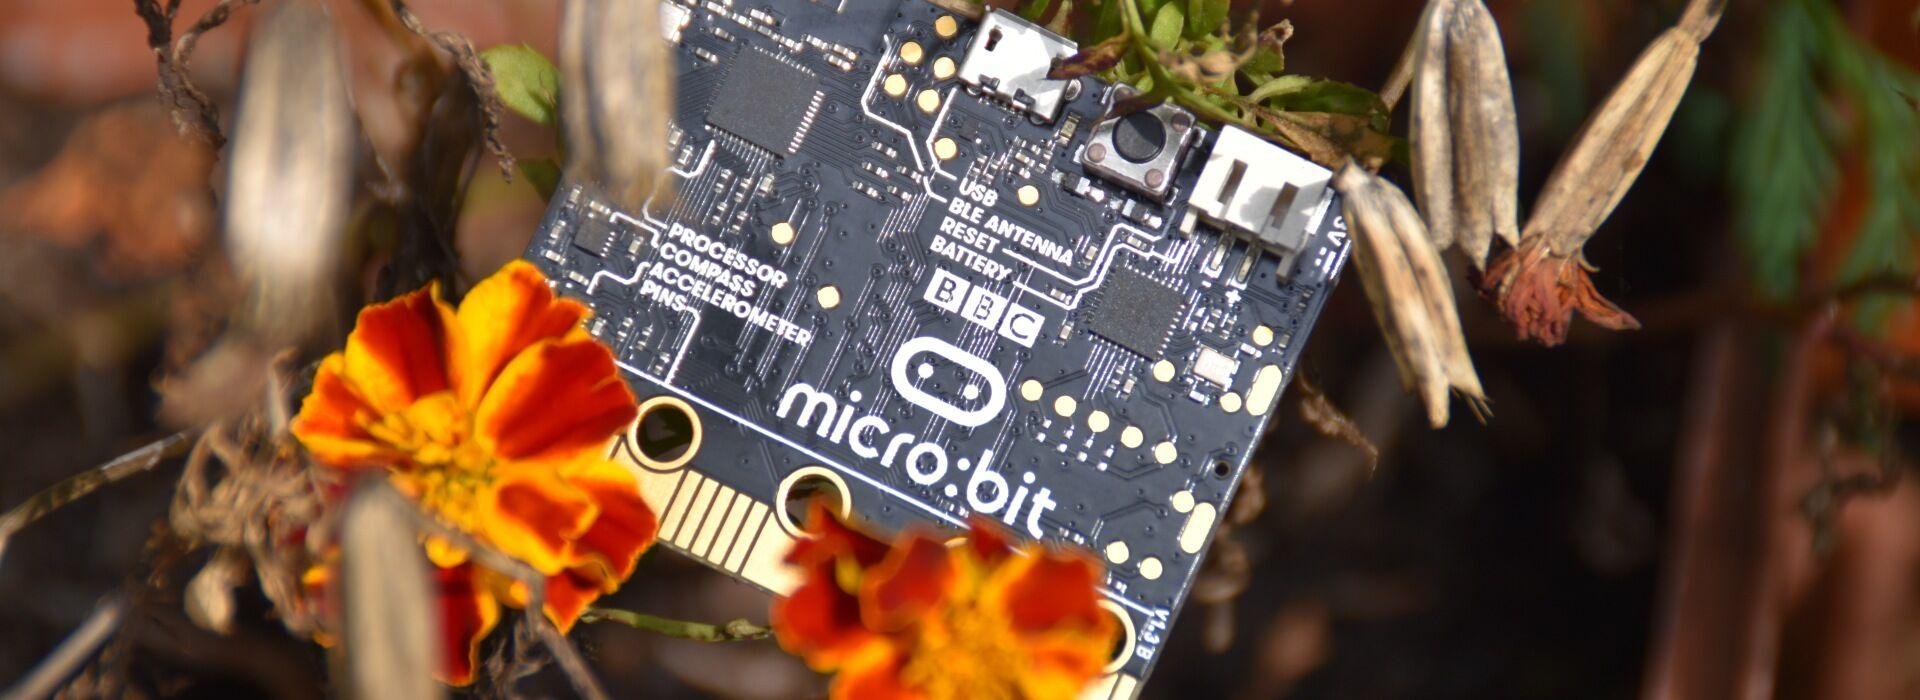 micro:bit csomagok